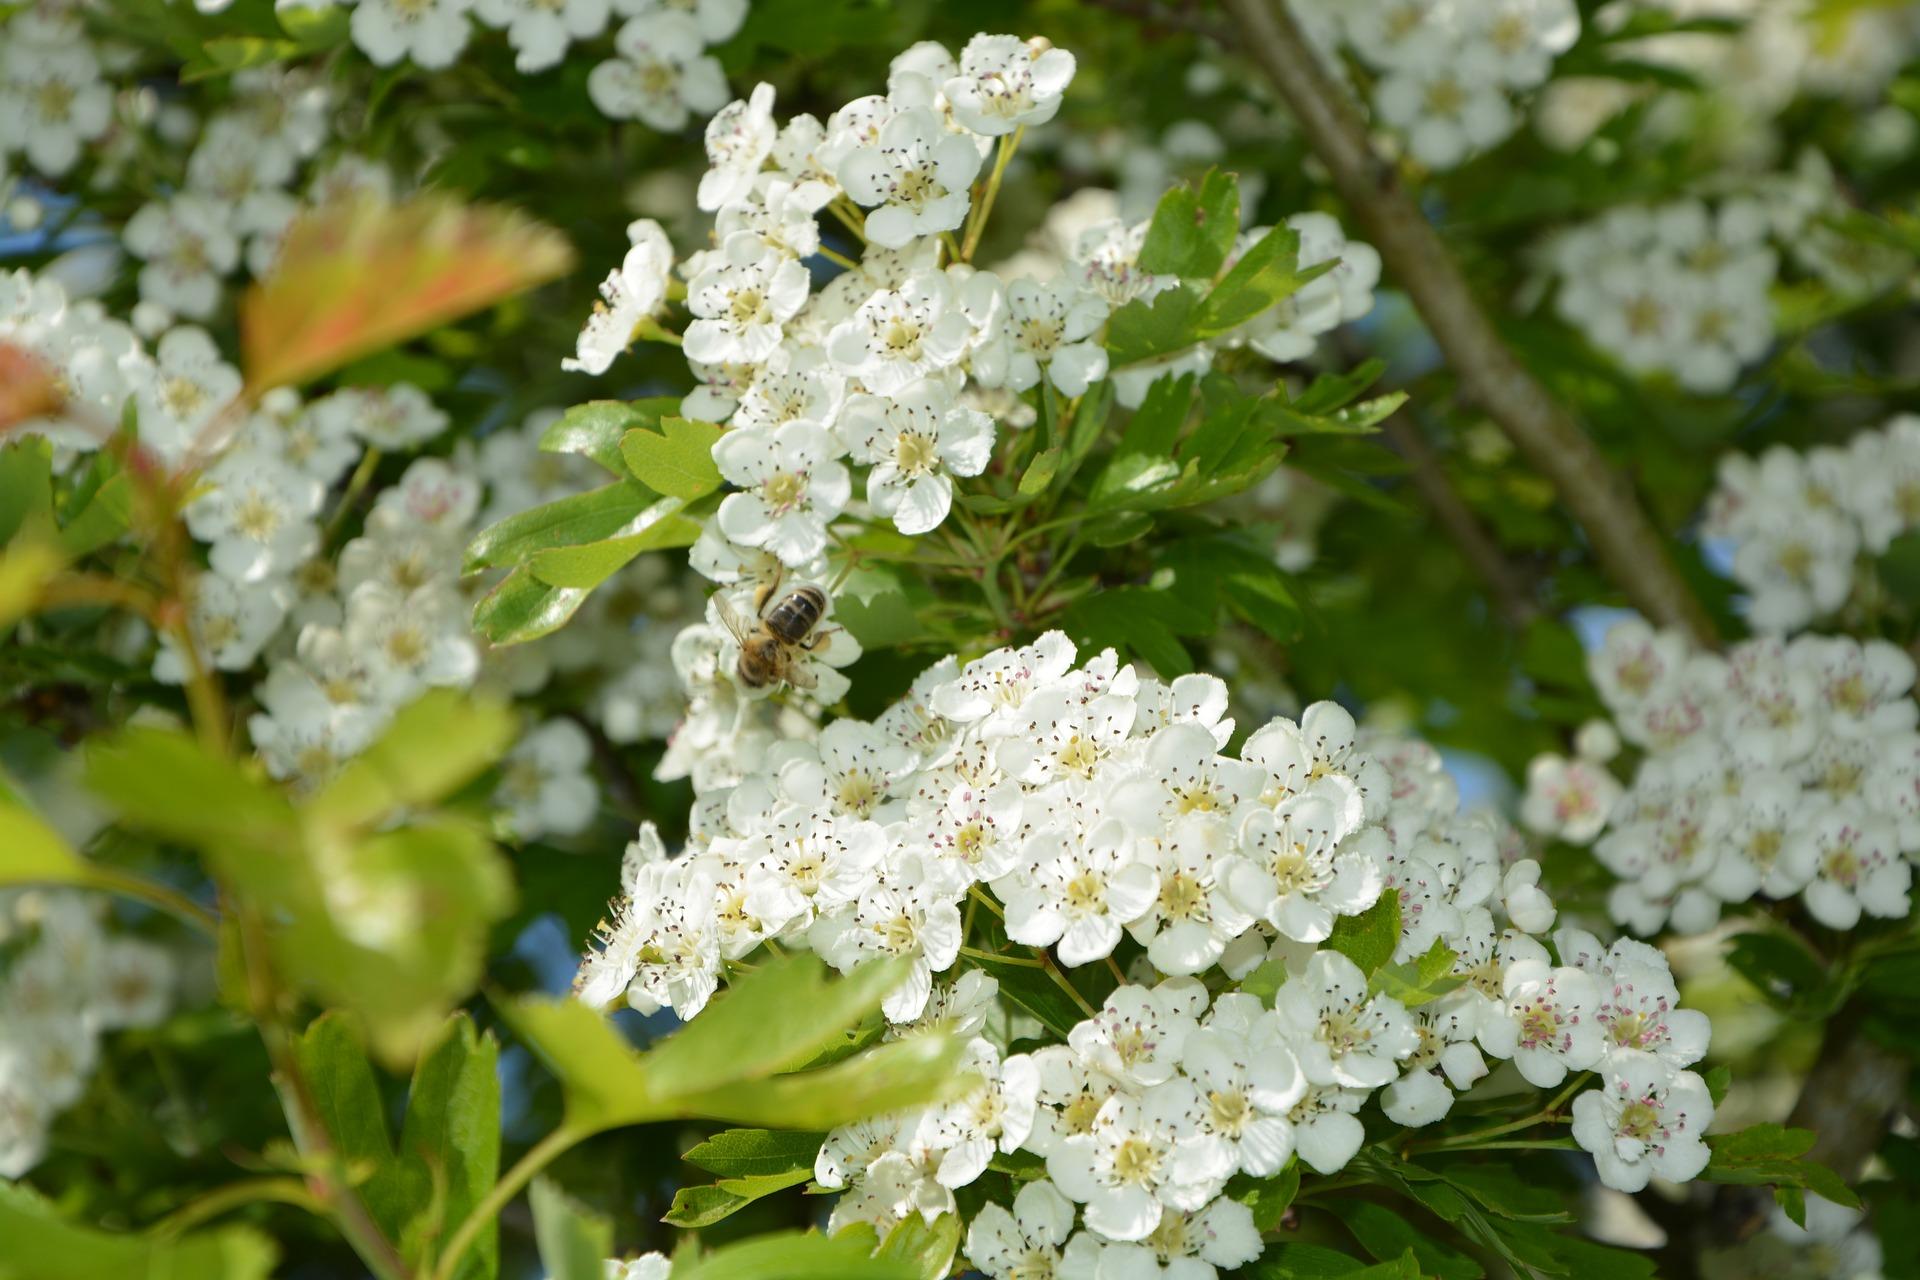 flowers-2855725_1920 (1).jpg